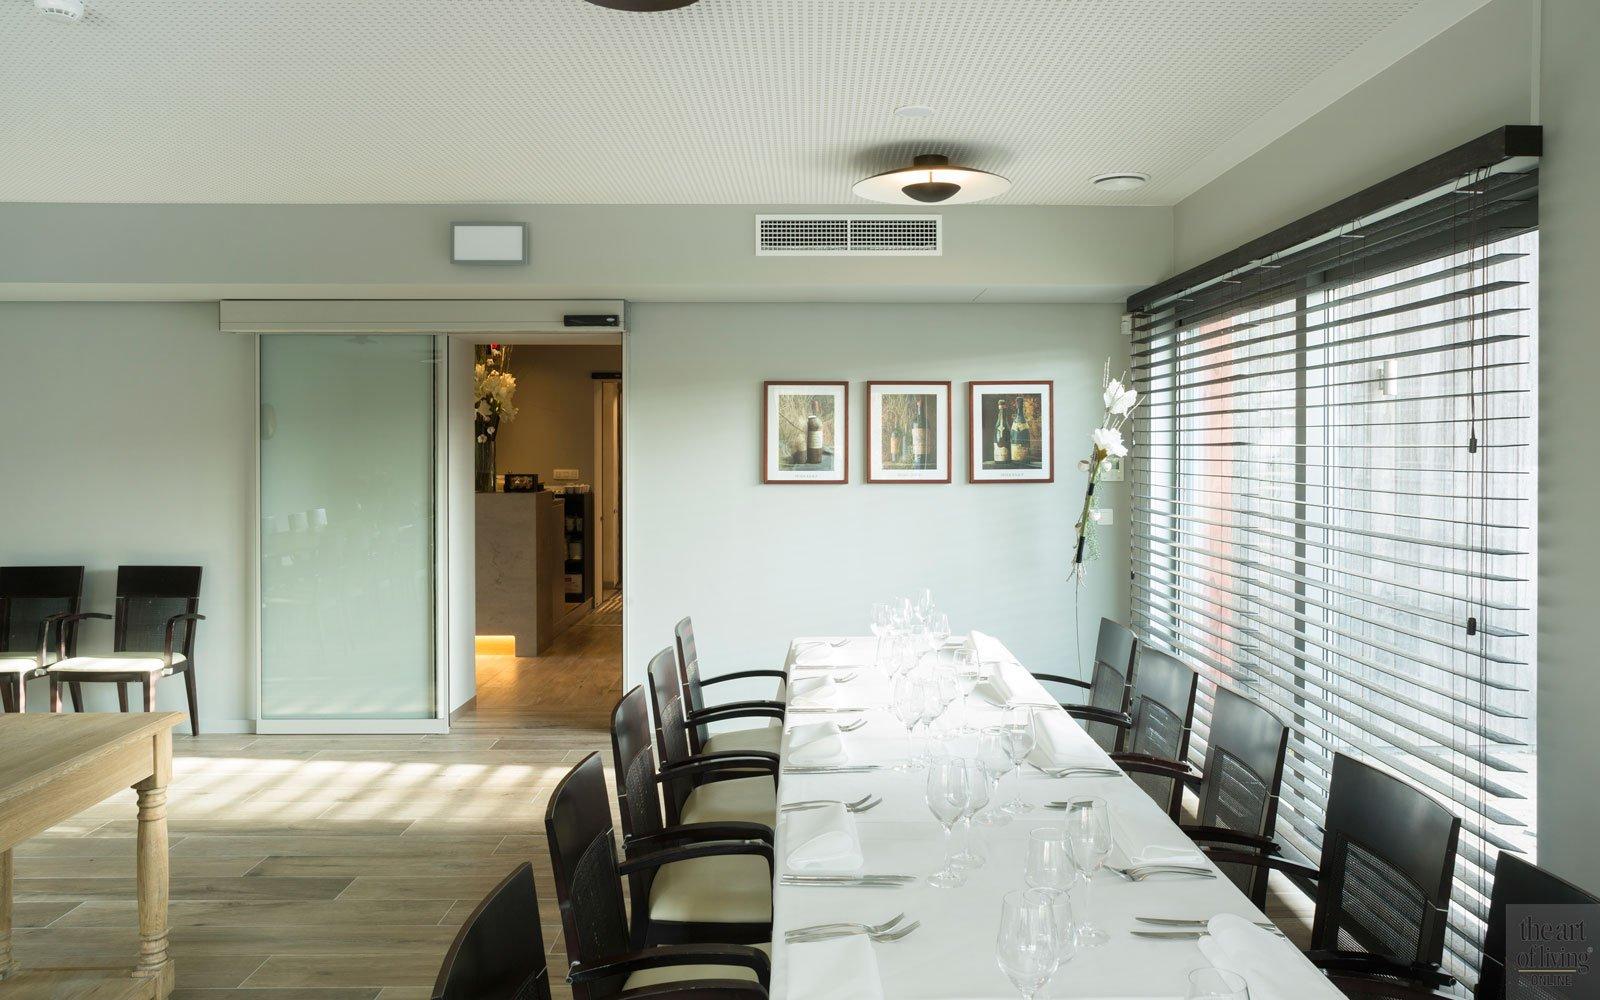 Feestzaal, parketvloer, lichtinval, shutters, Restaurant Chaflo & Co, Bouw-iD